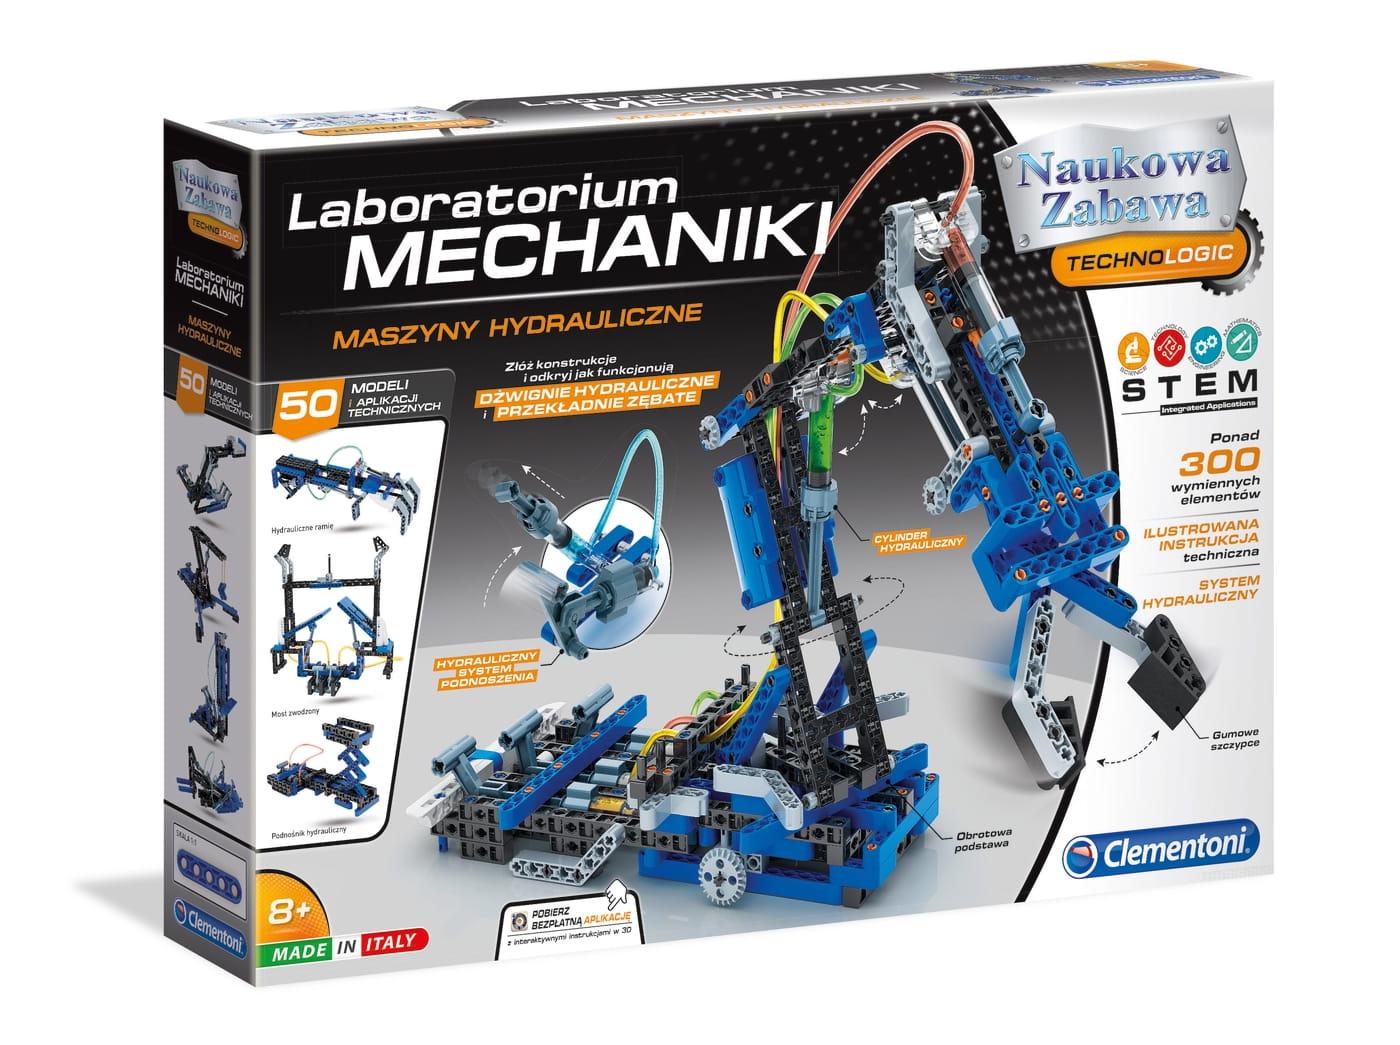 Zabawka dla dzieci do składania samodzielnego z Laboratorium mechaniki